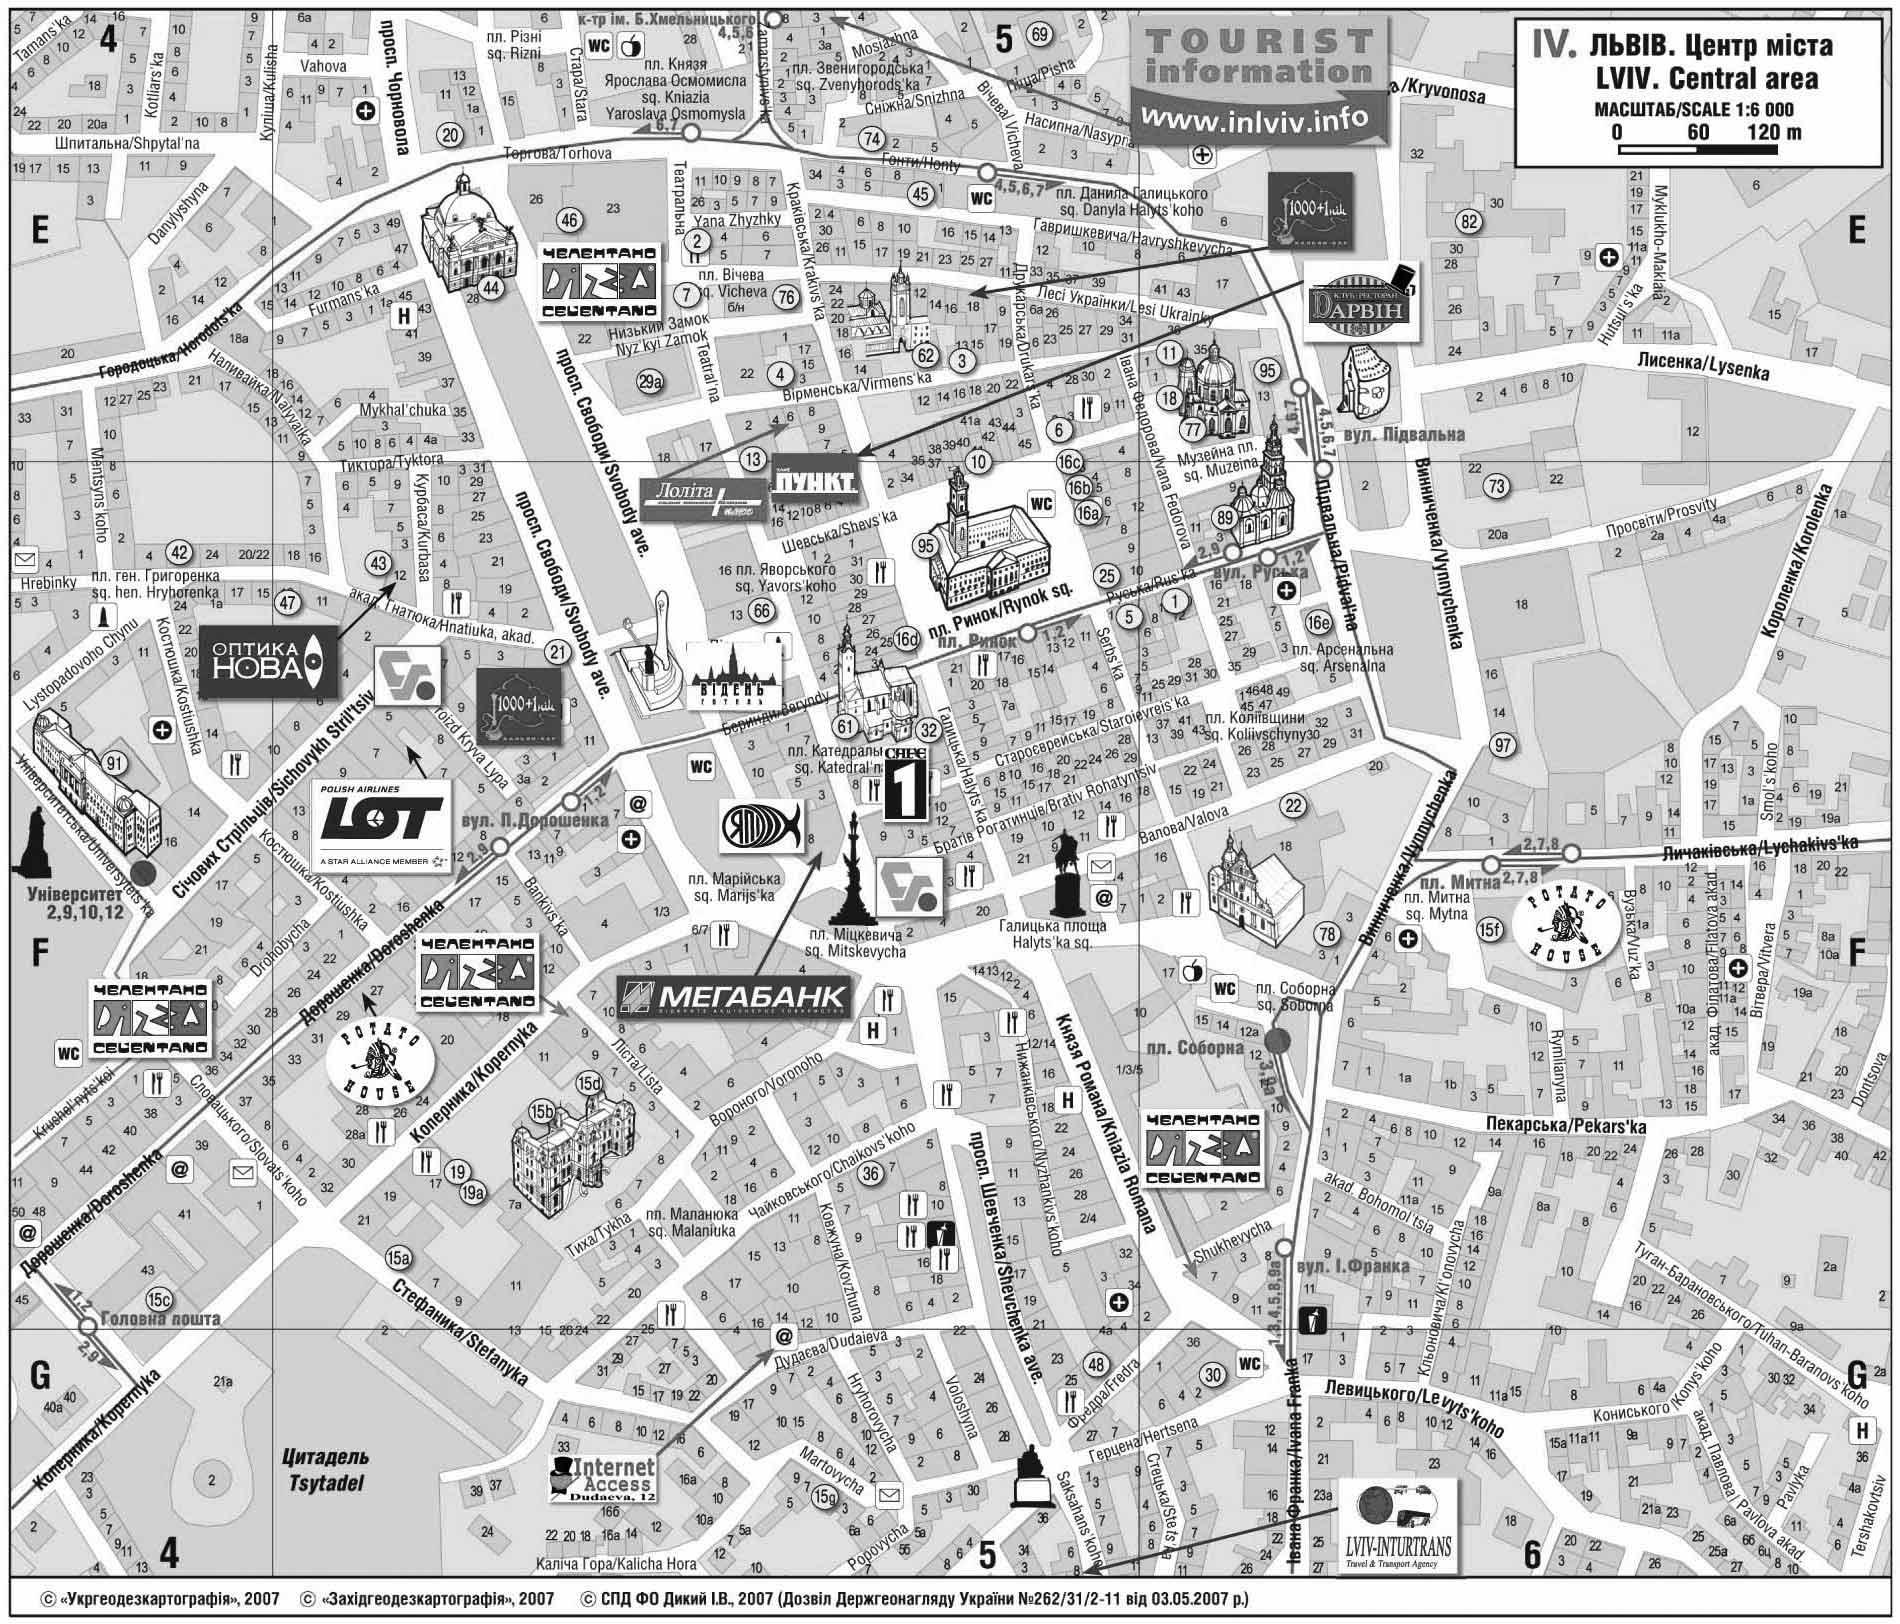 Mapa de Lviv, Ucrânia